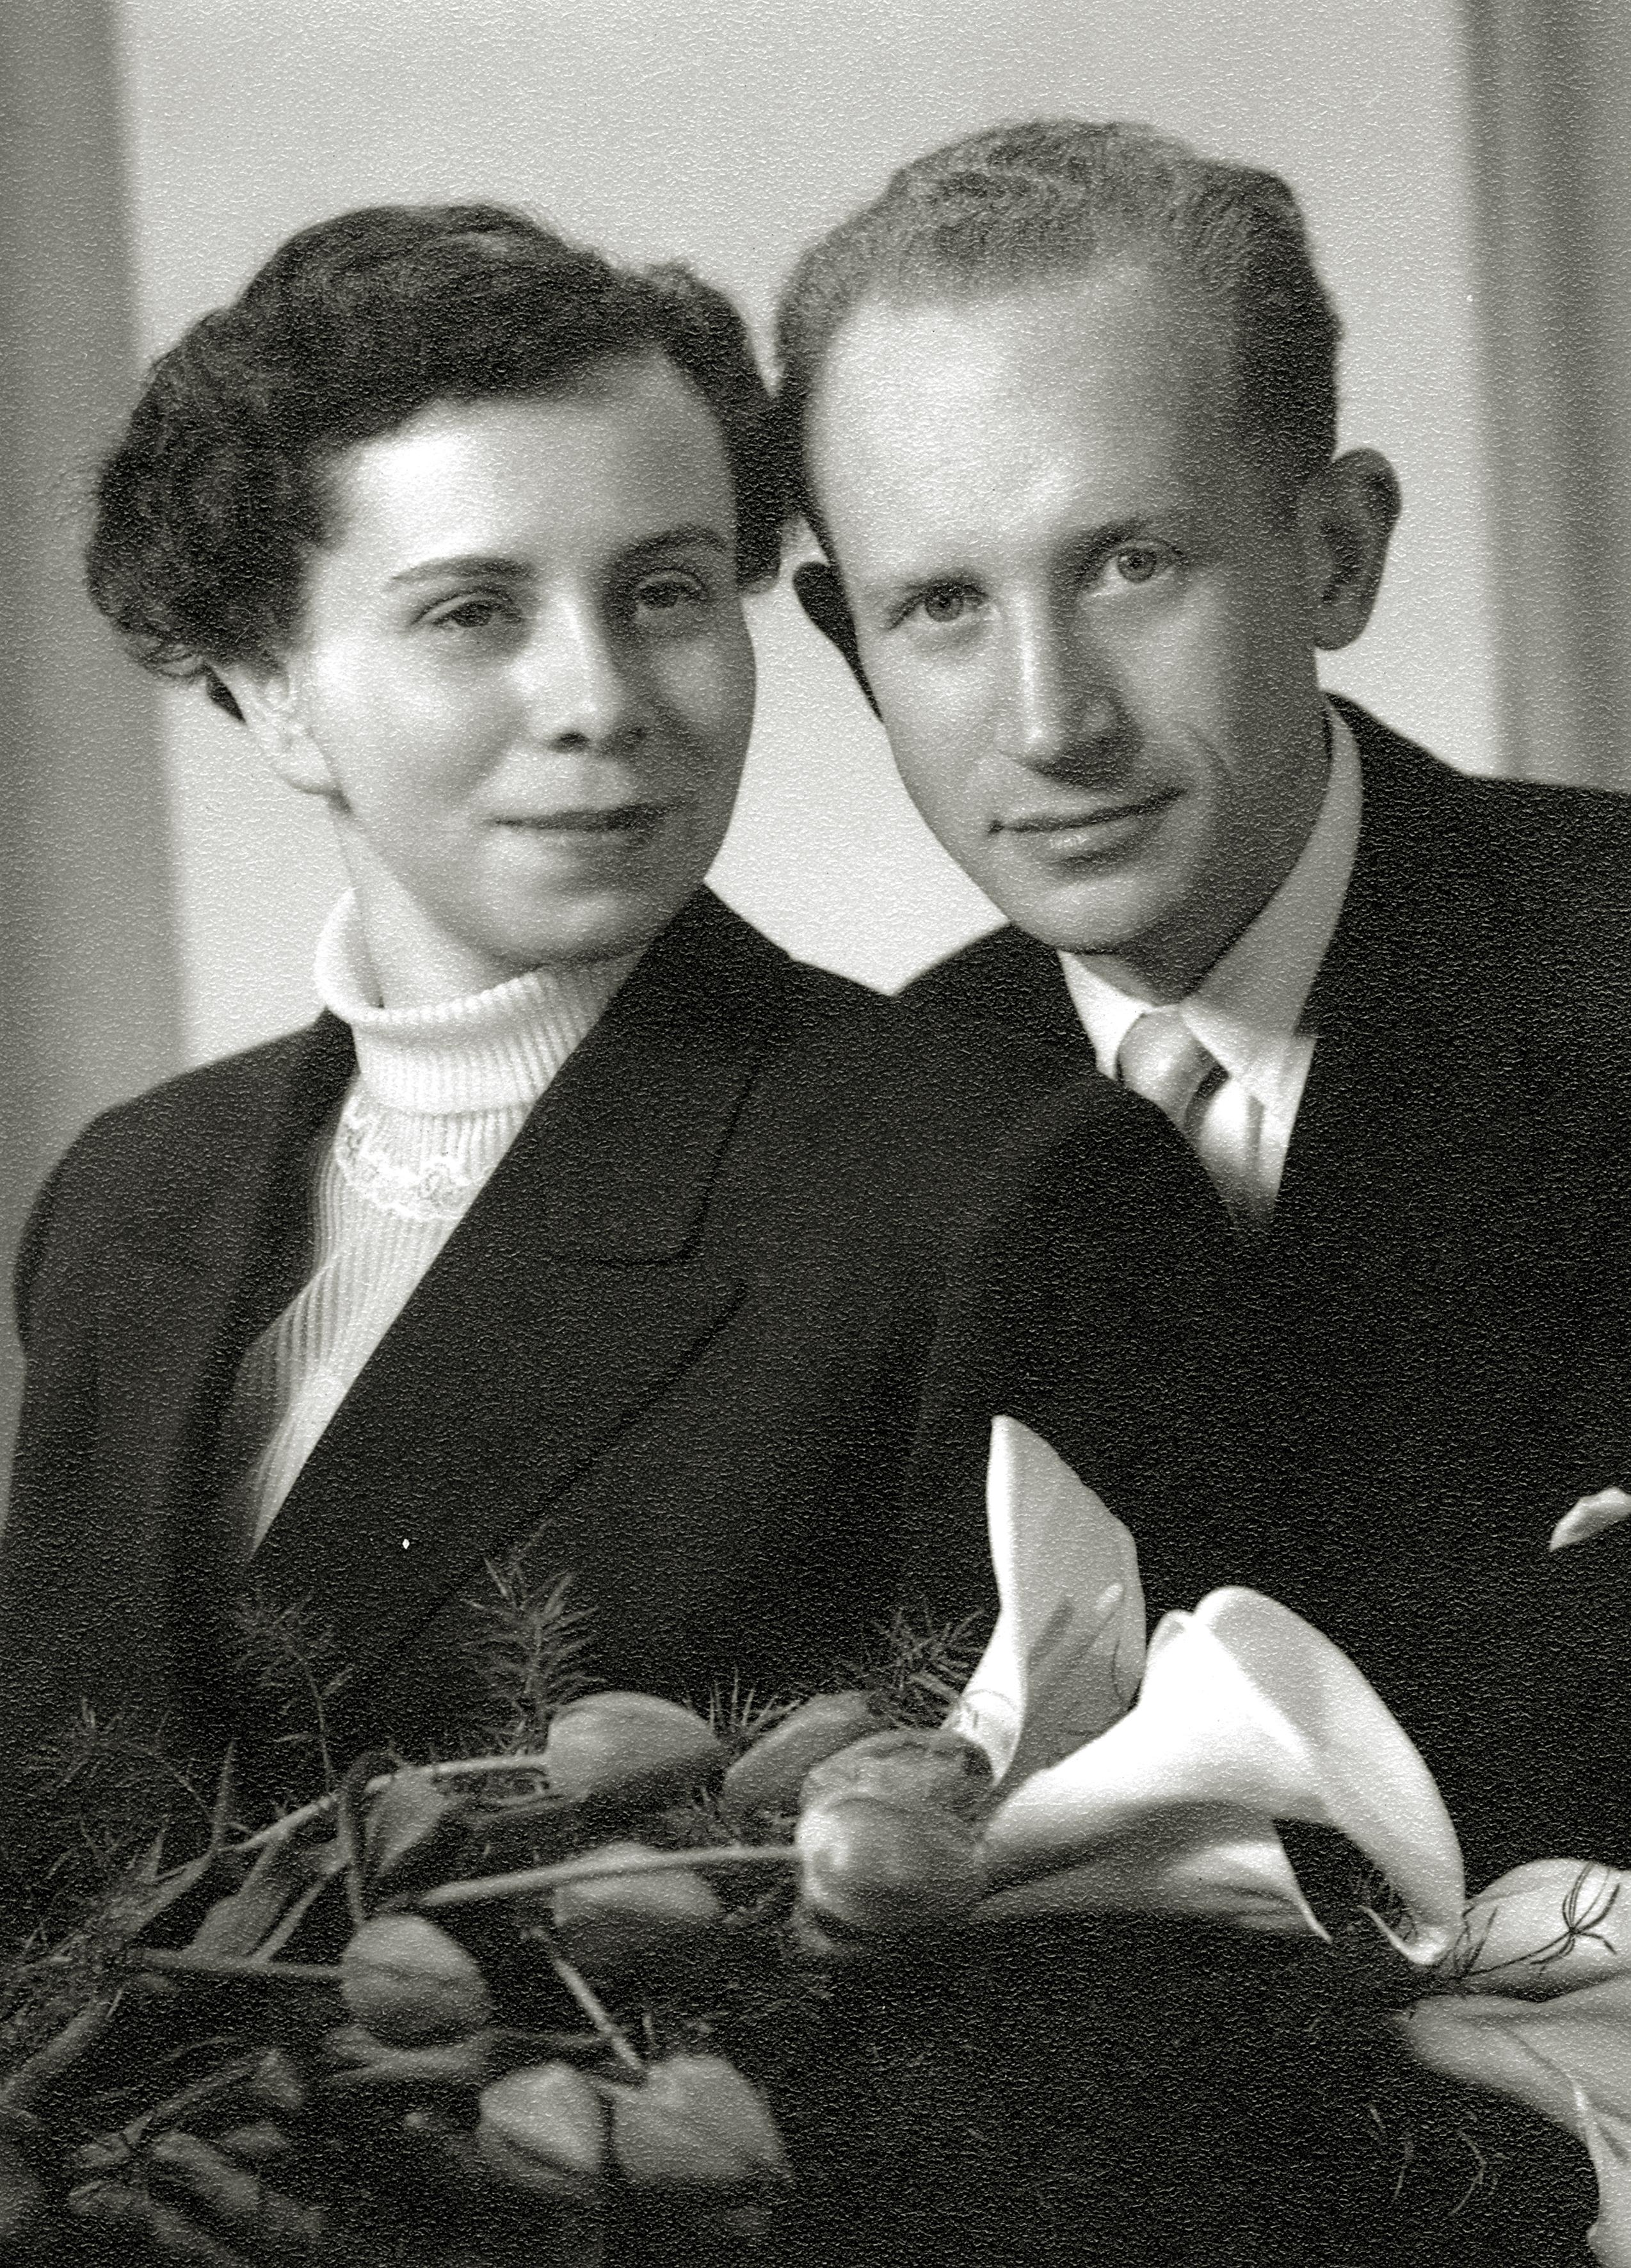 Hochzeitsfoto Dr. Otto Suschny und Kitty Suschny, geb. Pistol, im Jahre 1954